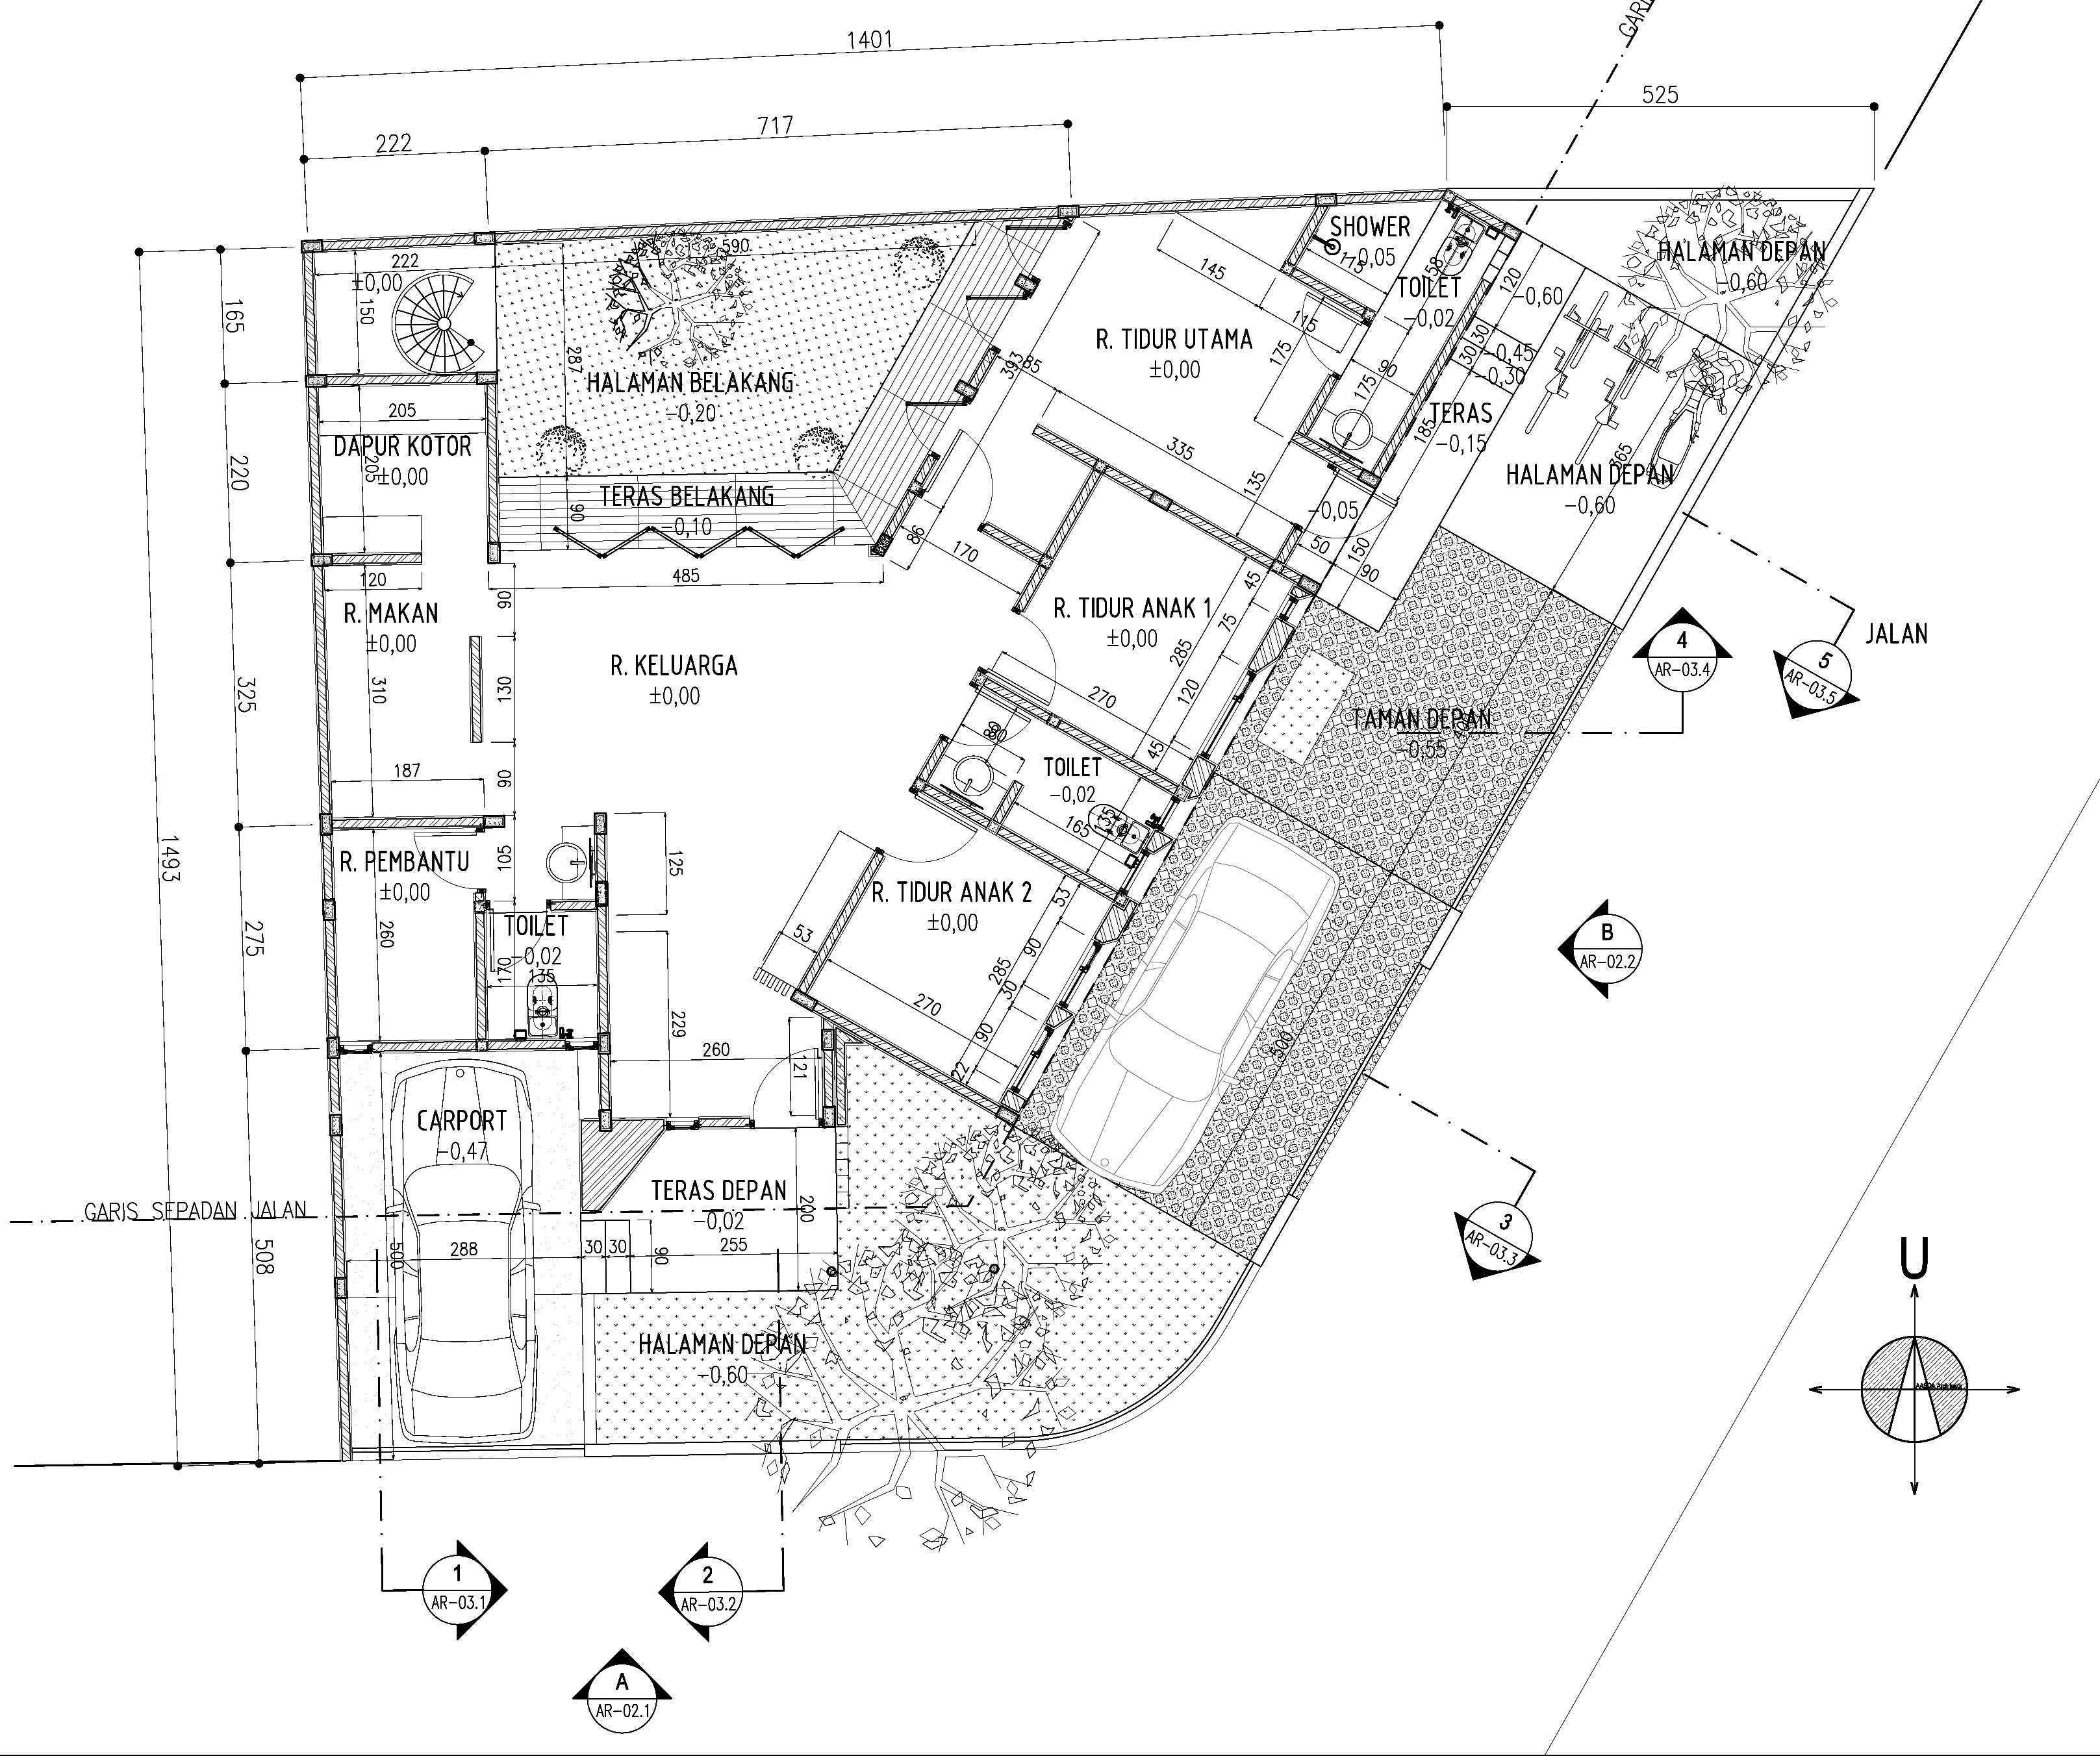 Gubah Ruang Studio Fc Residence Bogor, Jawa Barat, Indonesia Bogor, Jawa Barat, Indonesia Floorplan   50851